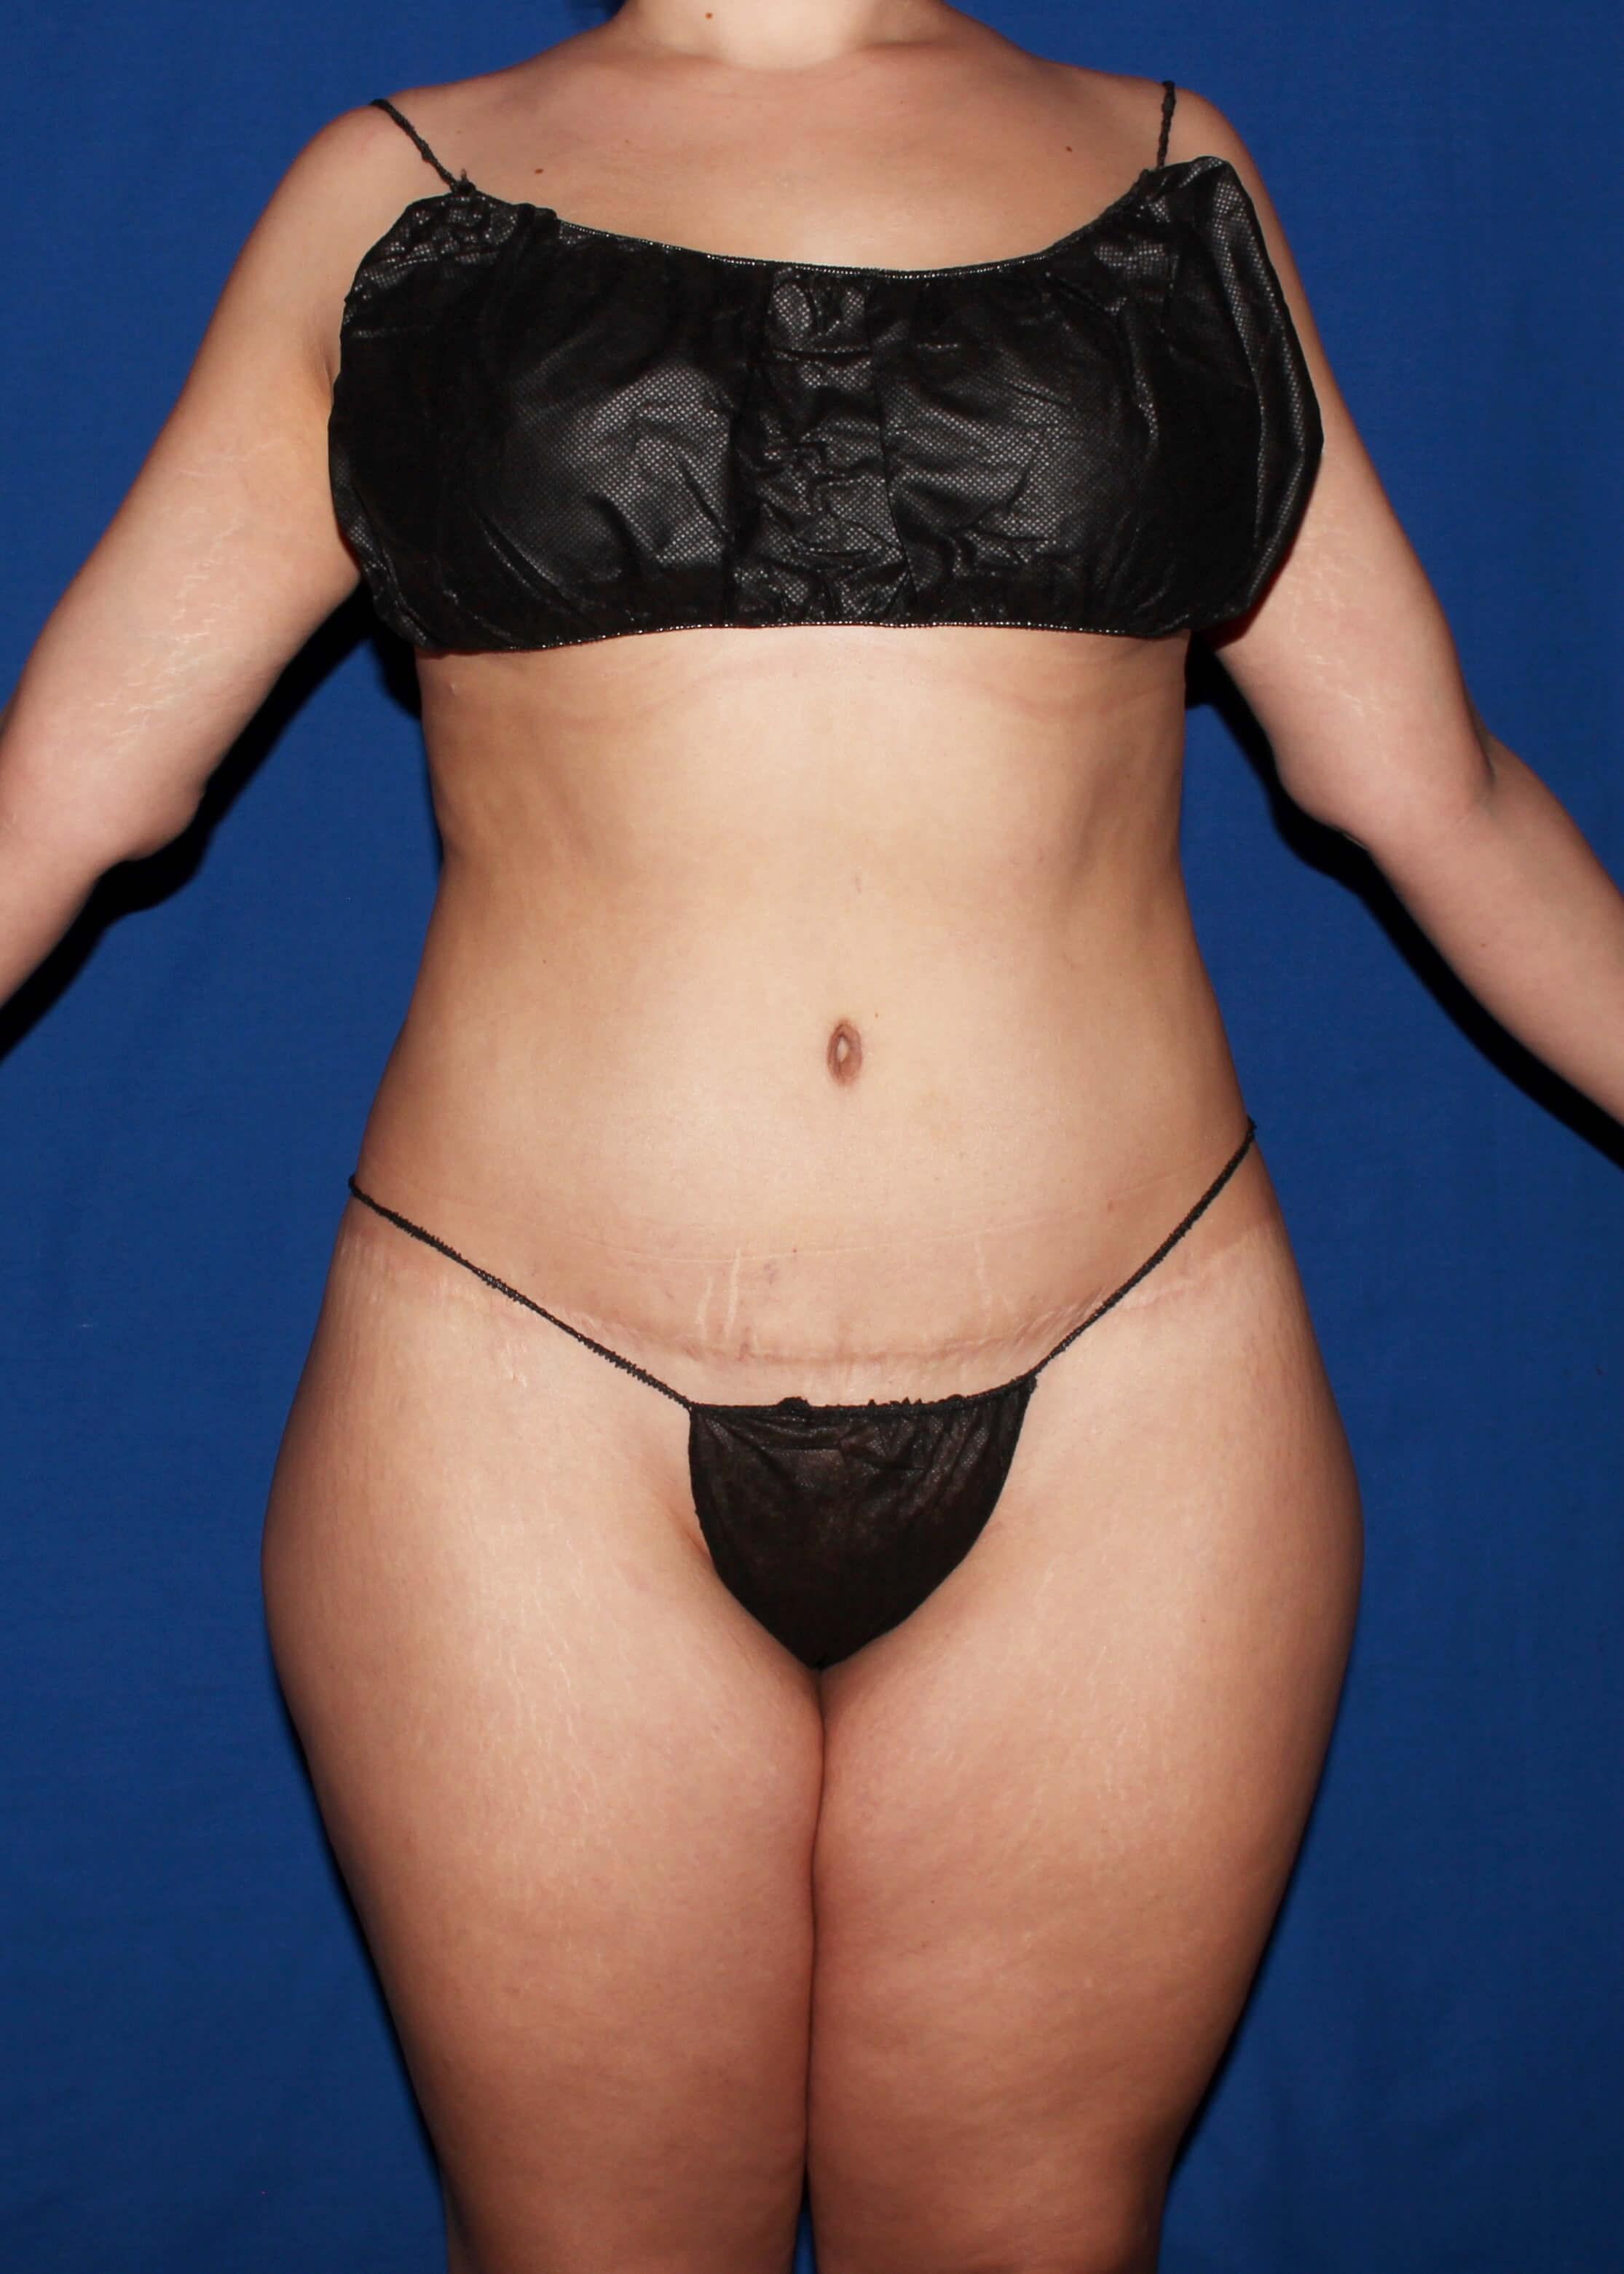 Full Torso Liposuction Before - Full Torso Liposuction